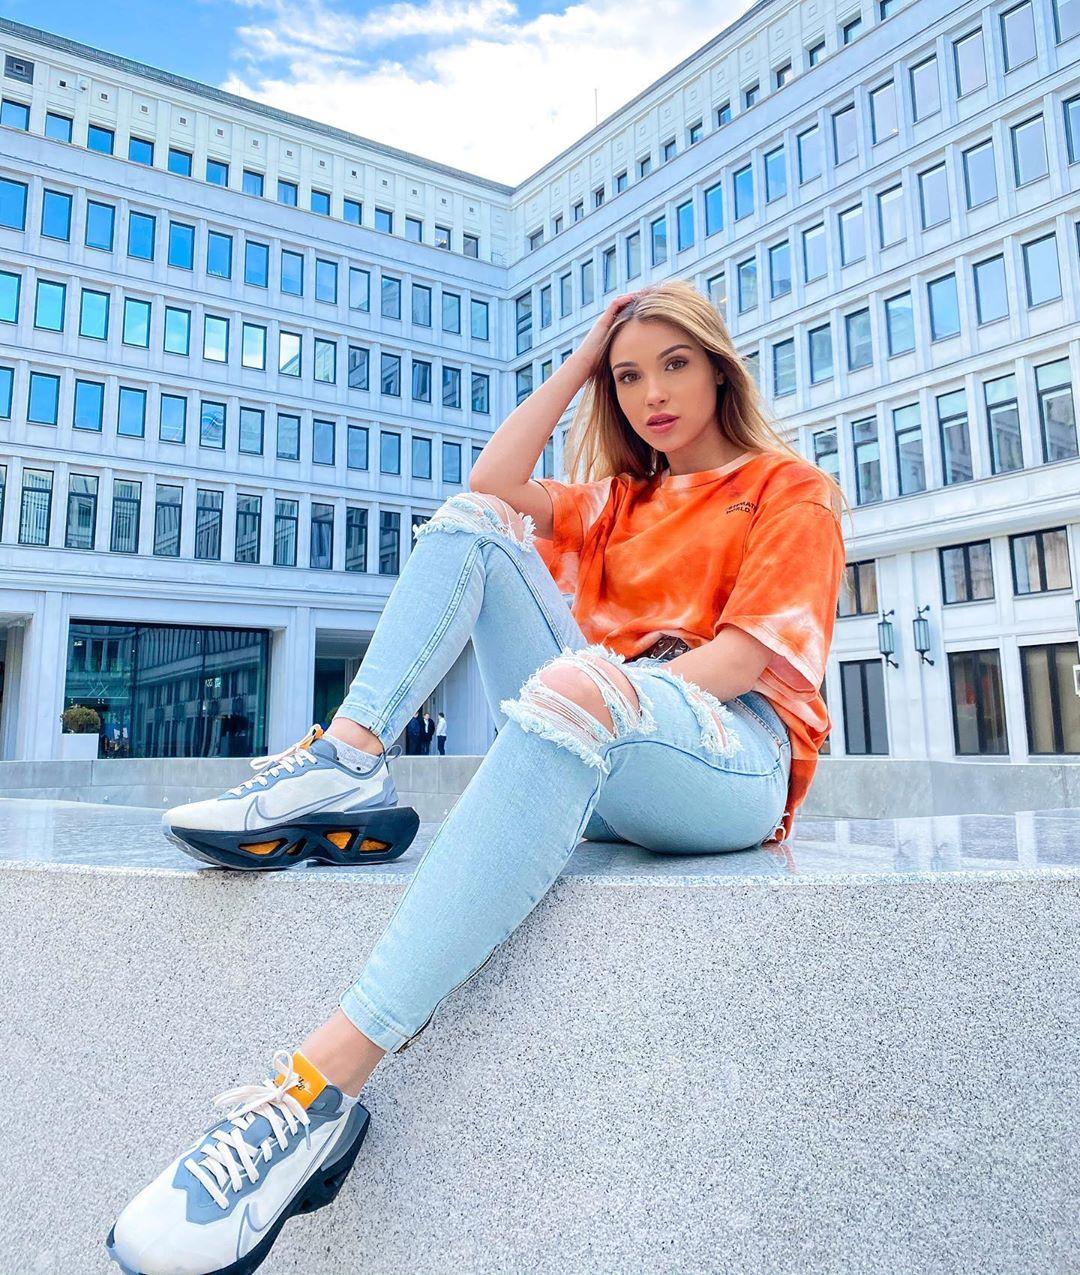 Natalia-Kaczmarczyk-Wallpapers-Insta-Fit-Bio-13